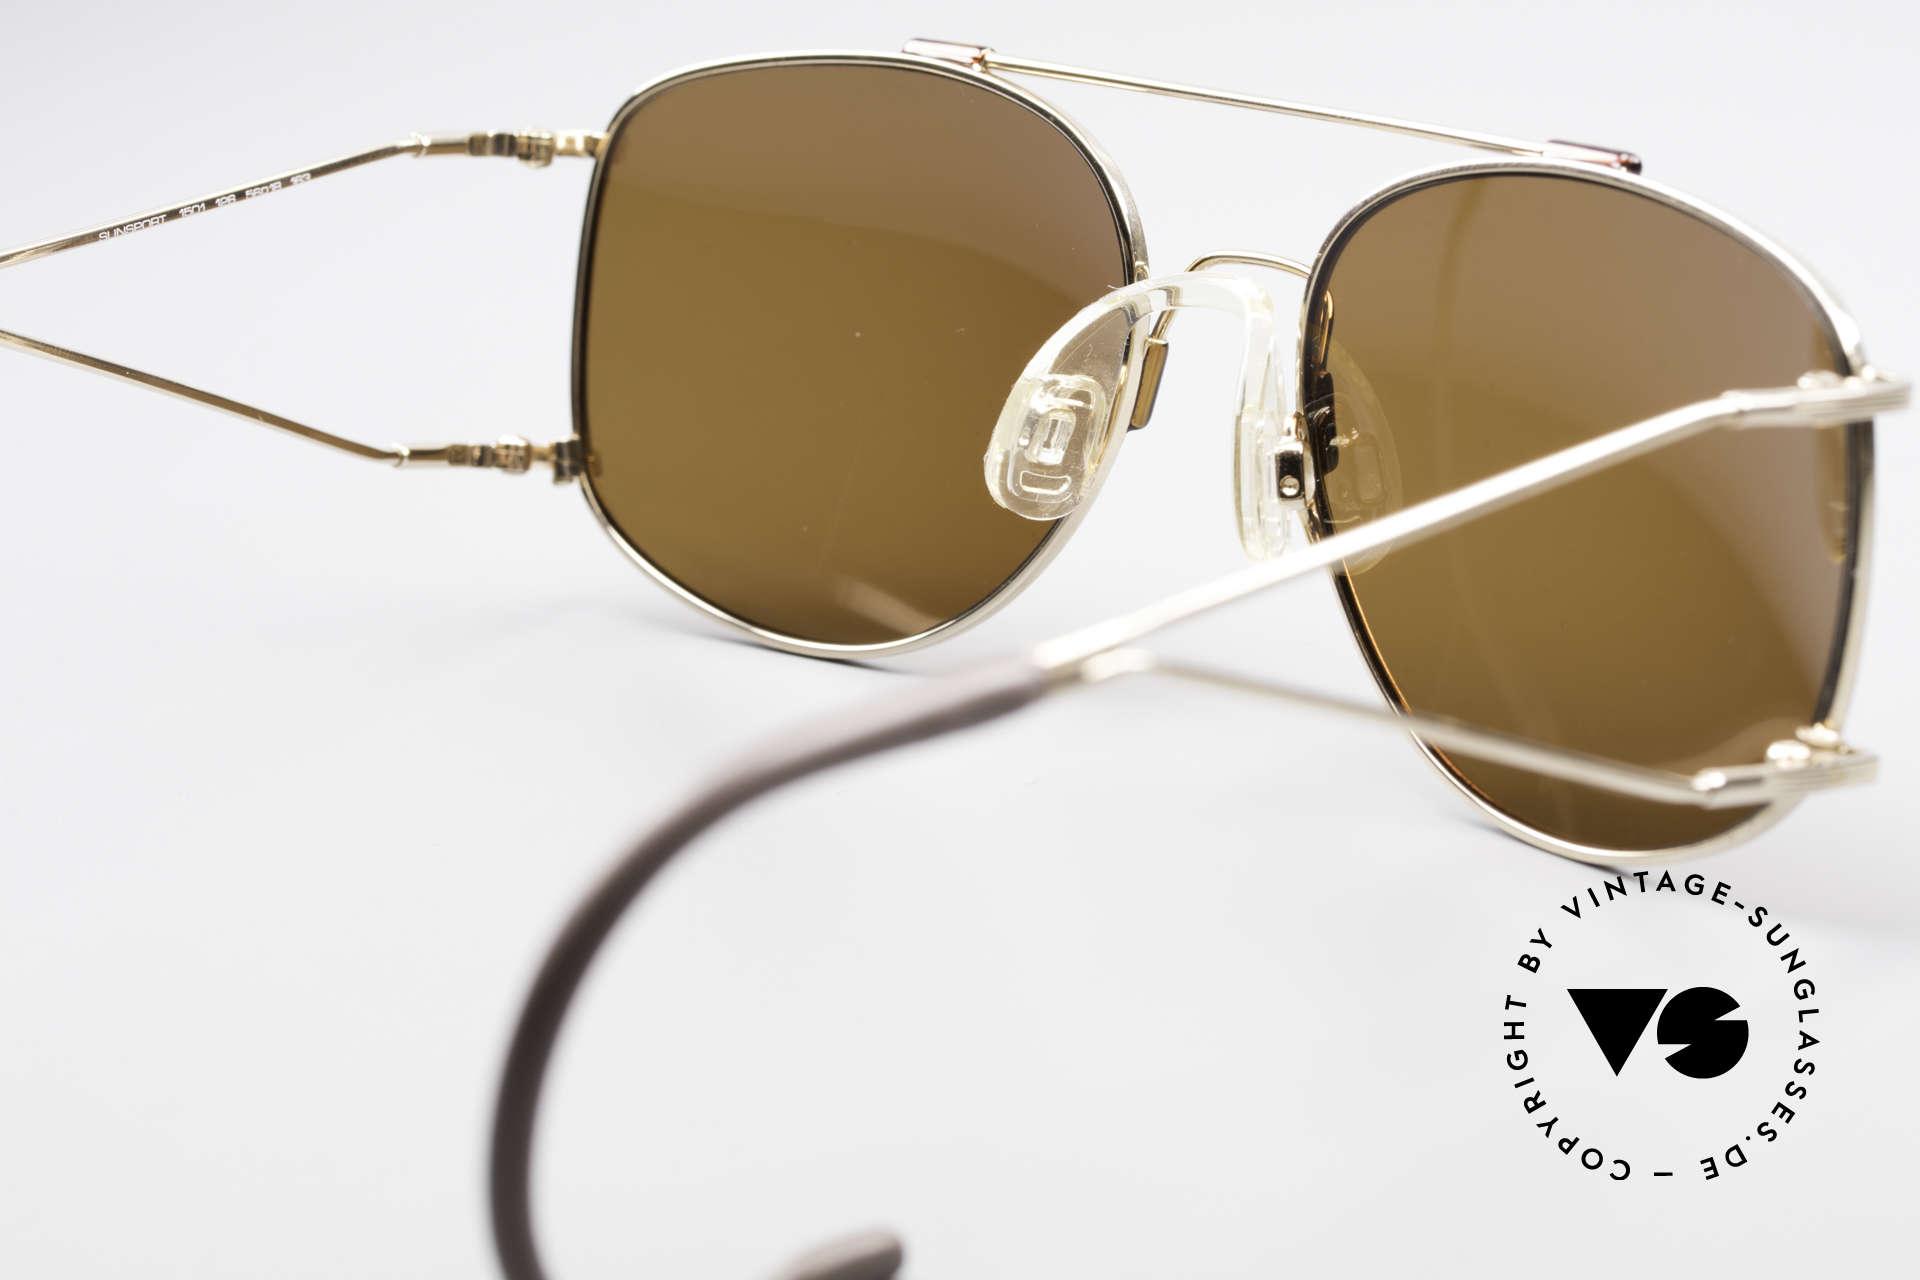 Neostyle Sunsport 1501 Titanflex Vintage Sunglasses, an unworn 1990's ORIGINAL with vintage hard case, Made for Men